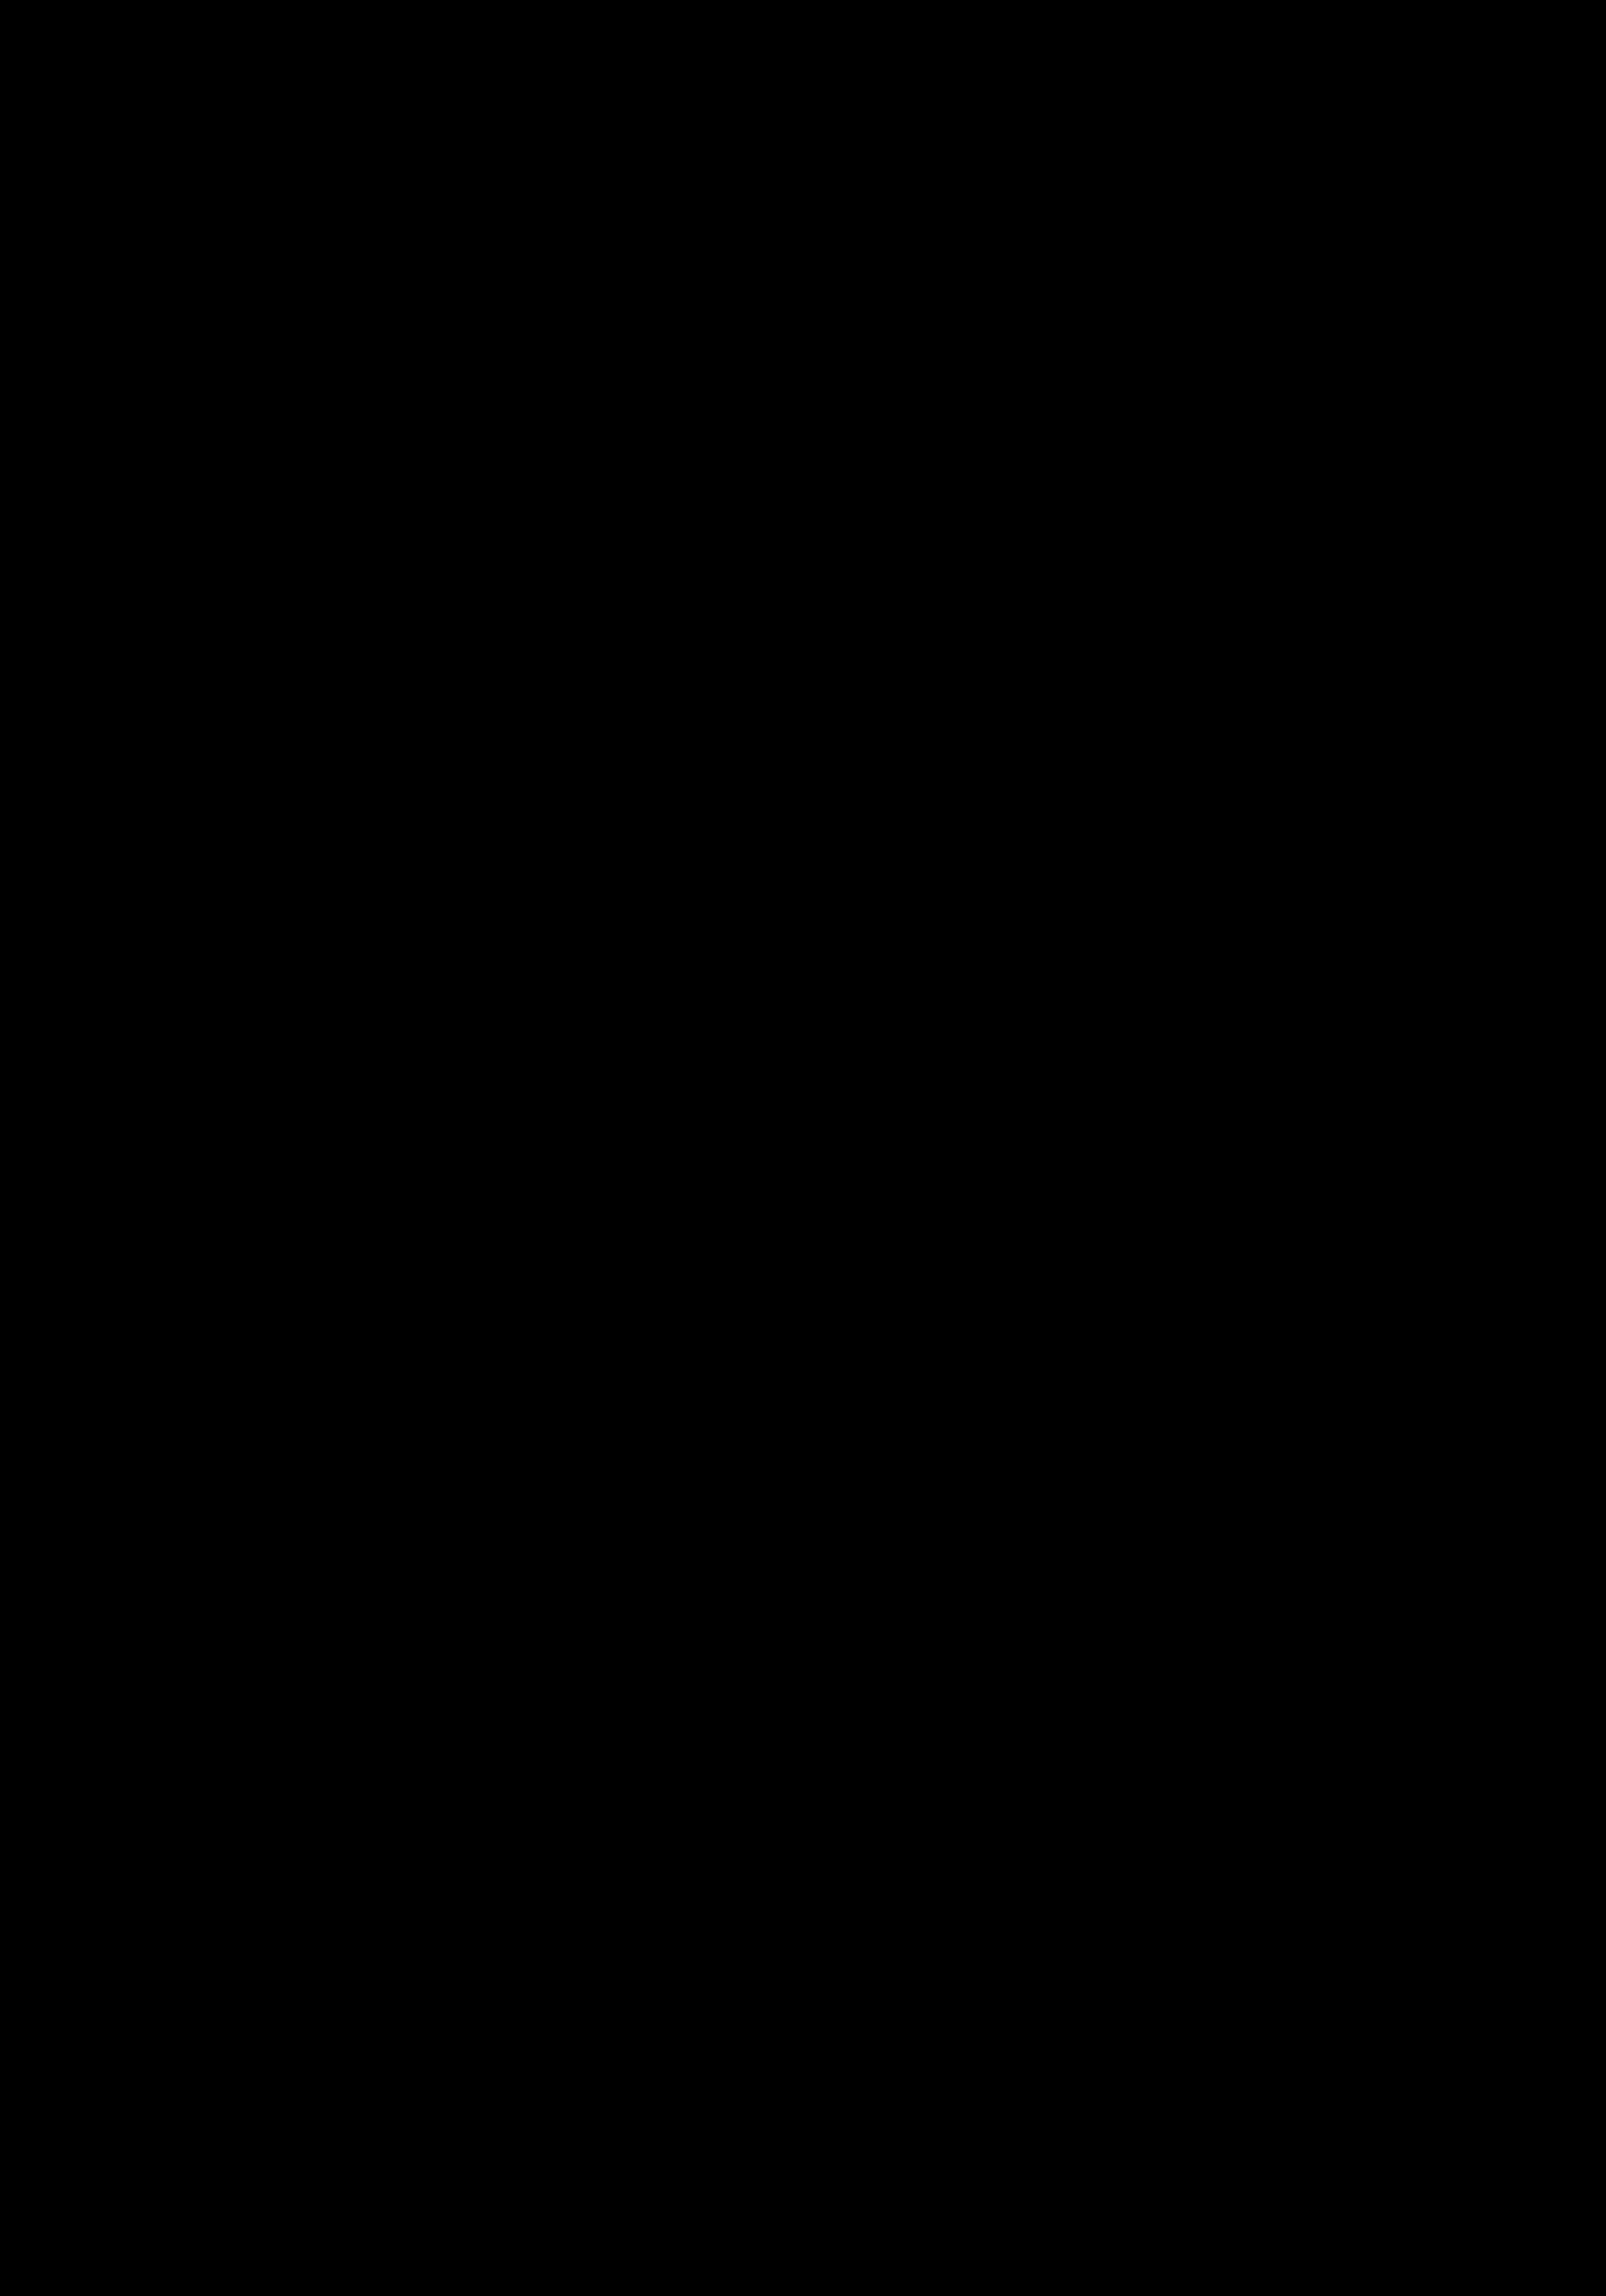 11ème colloque FNADEPA @ Espace Reuilly